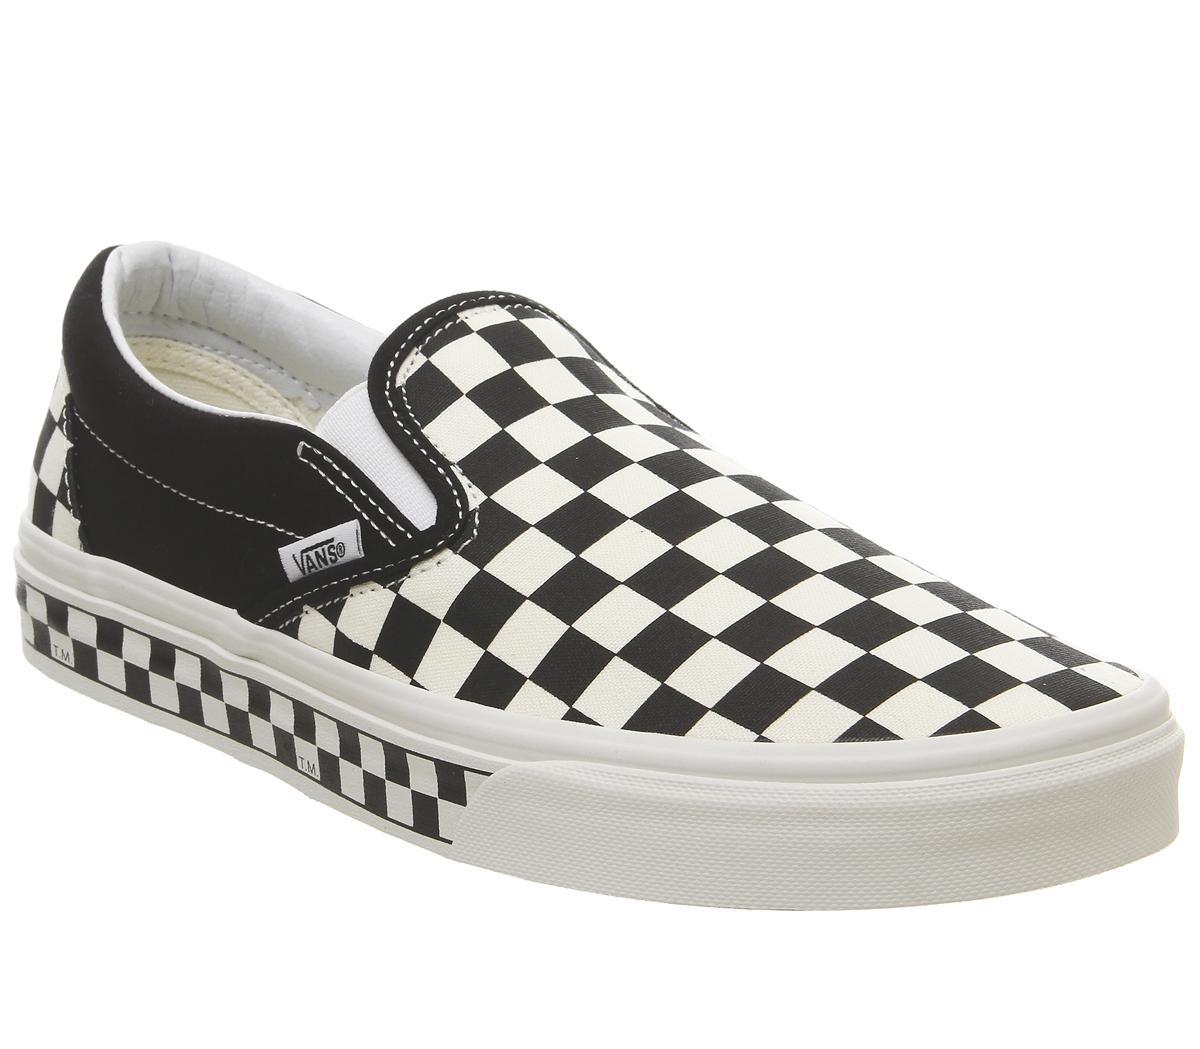 vans classic slip on black white